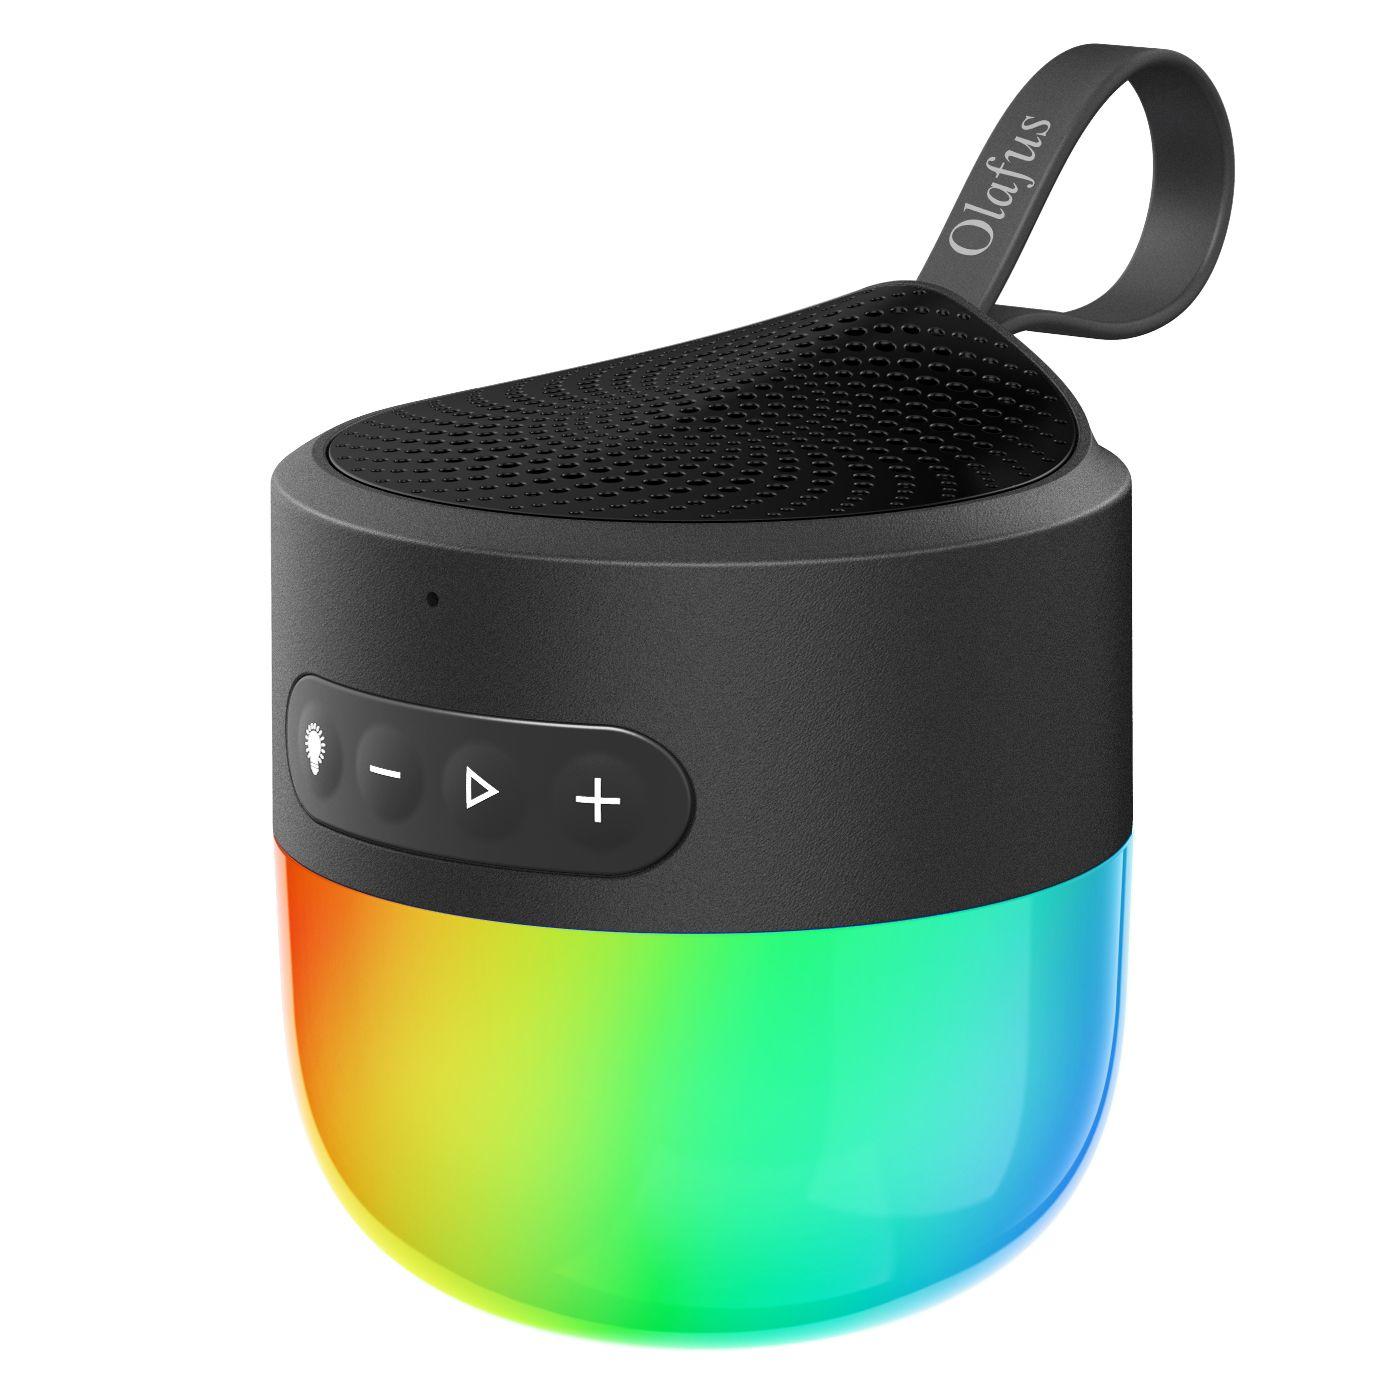 Nachtlicht Bluetooth Lautsprecher Ip65 Bluetooth 5 0 Speaker Mit Dimmbar Licht 5 Licht Modi Eu Standard